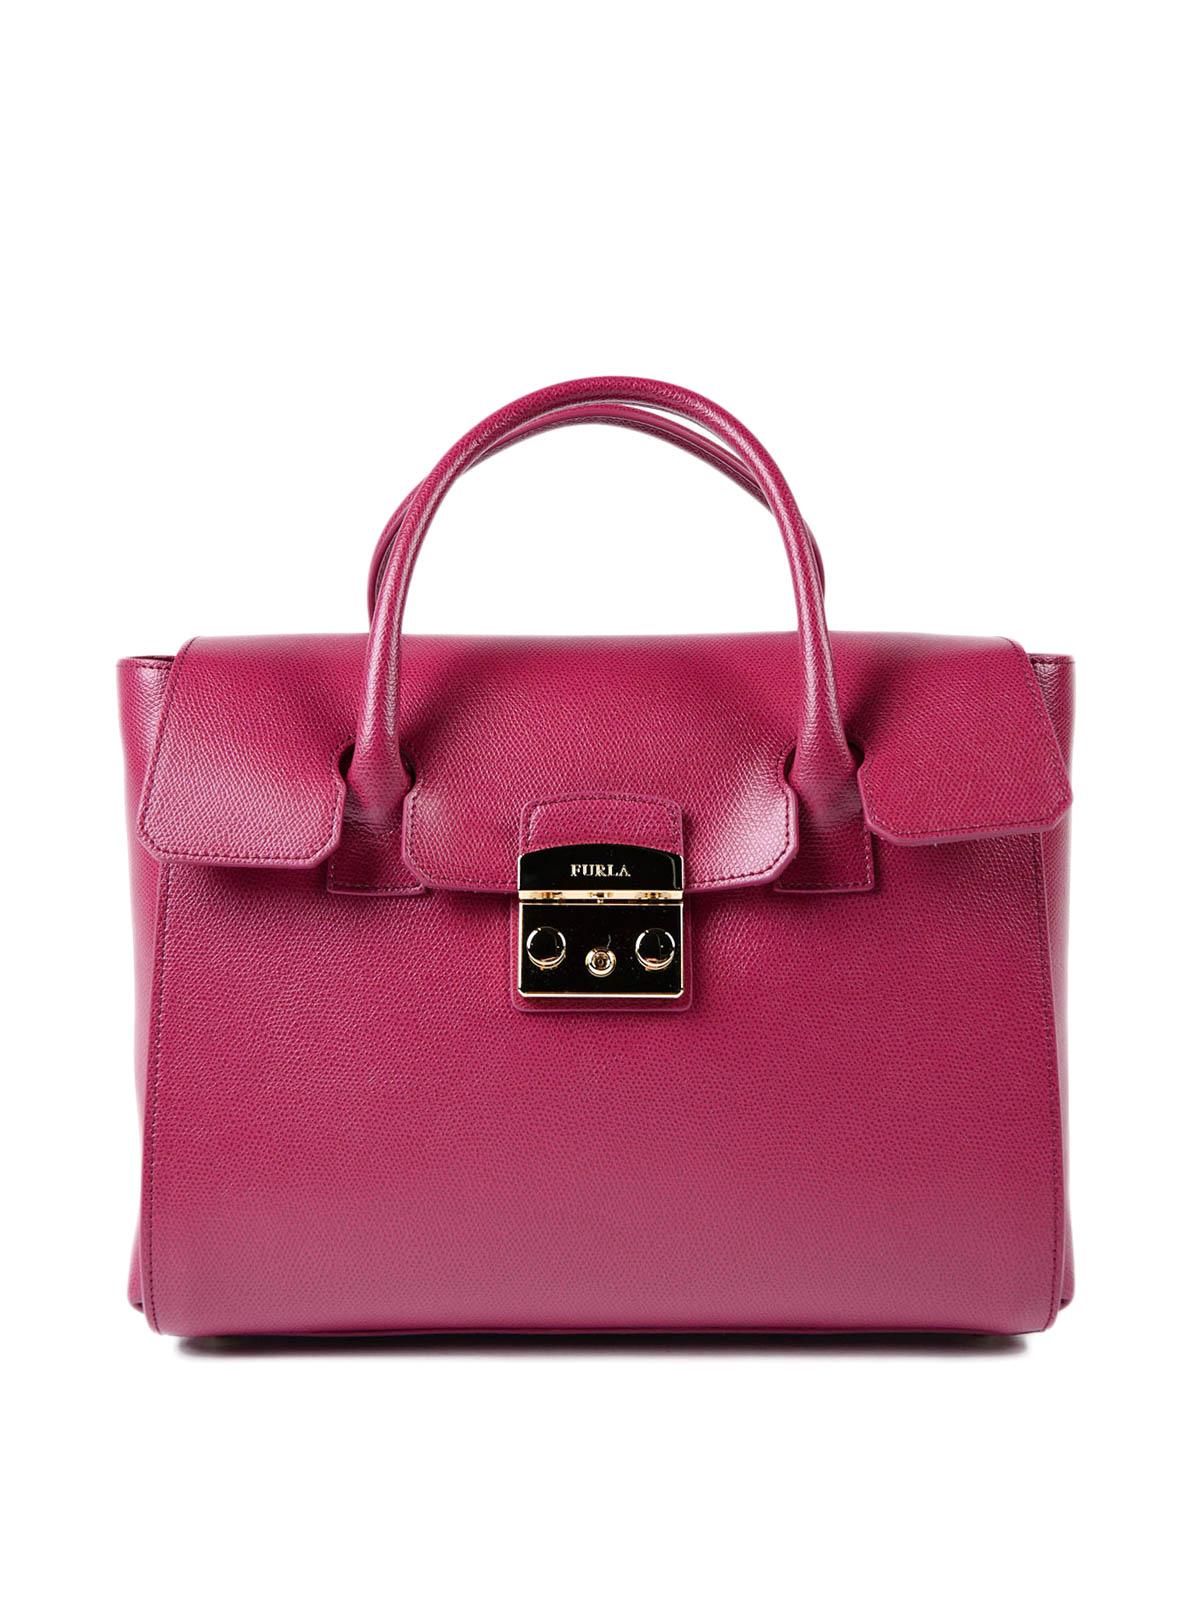 e685af516 Furla - Metropolis M leather tote - totes bags - 903839 | iKRIX.com